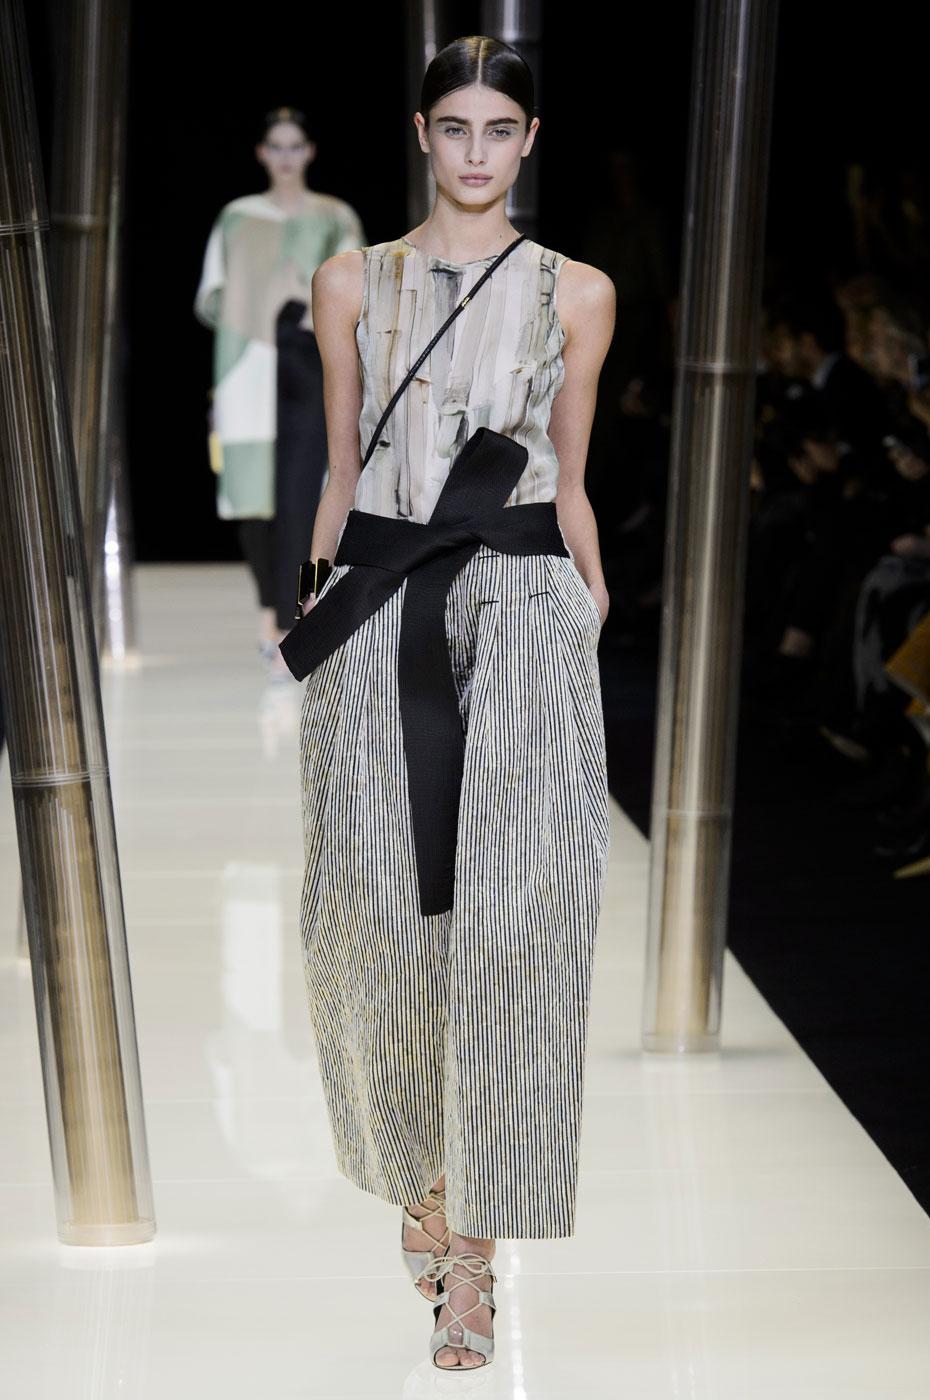 Giorgio-armani-Prive-fashion-runway-show-haute-couture-paris-spring-2015-the-impression-027